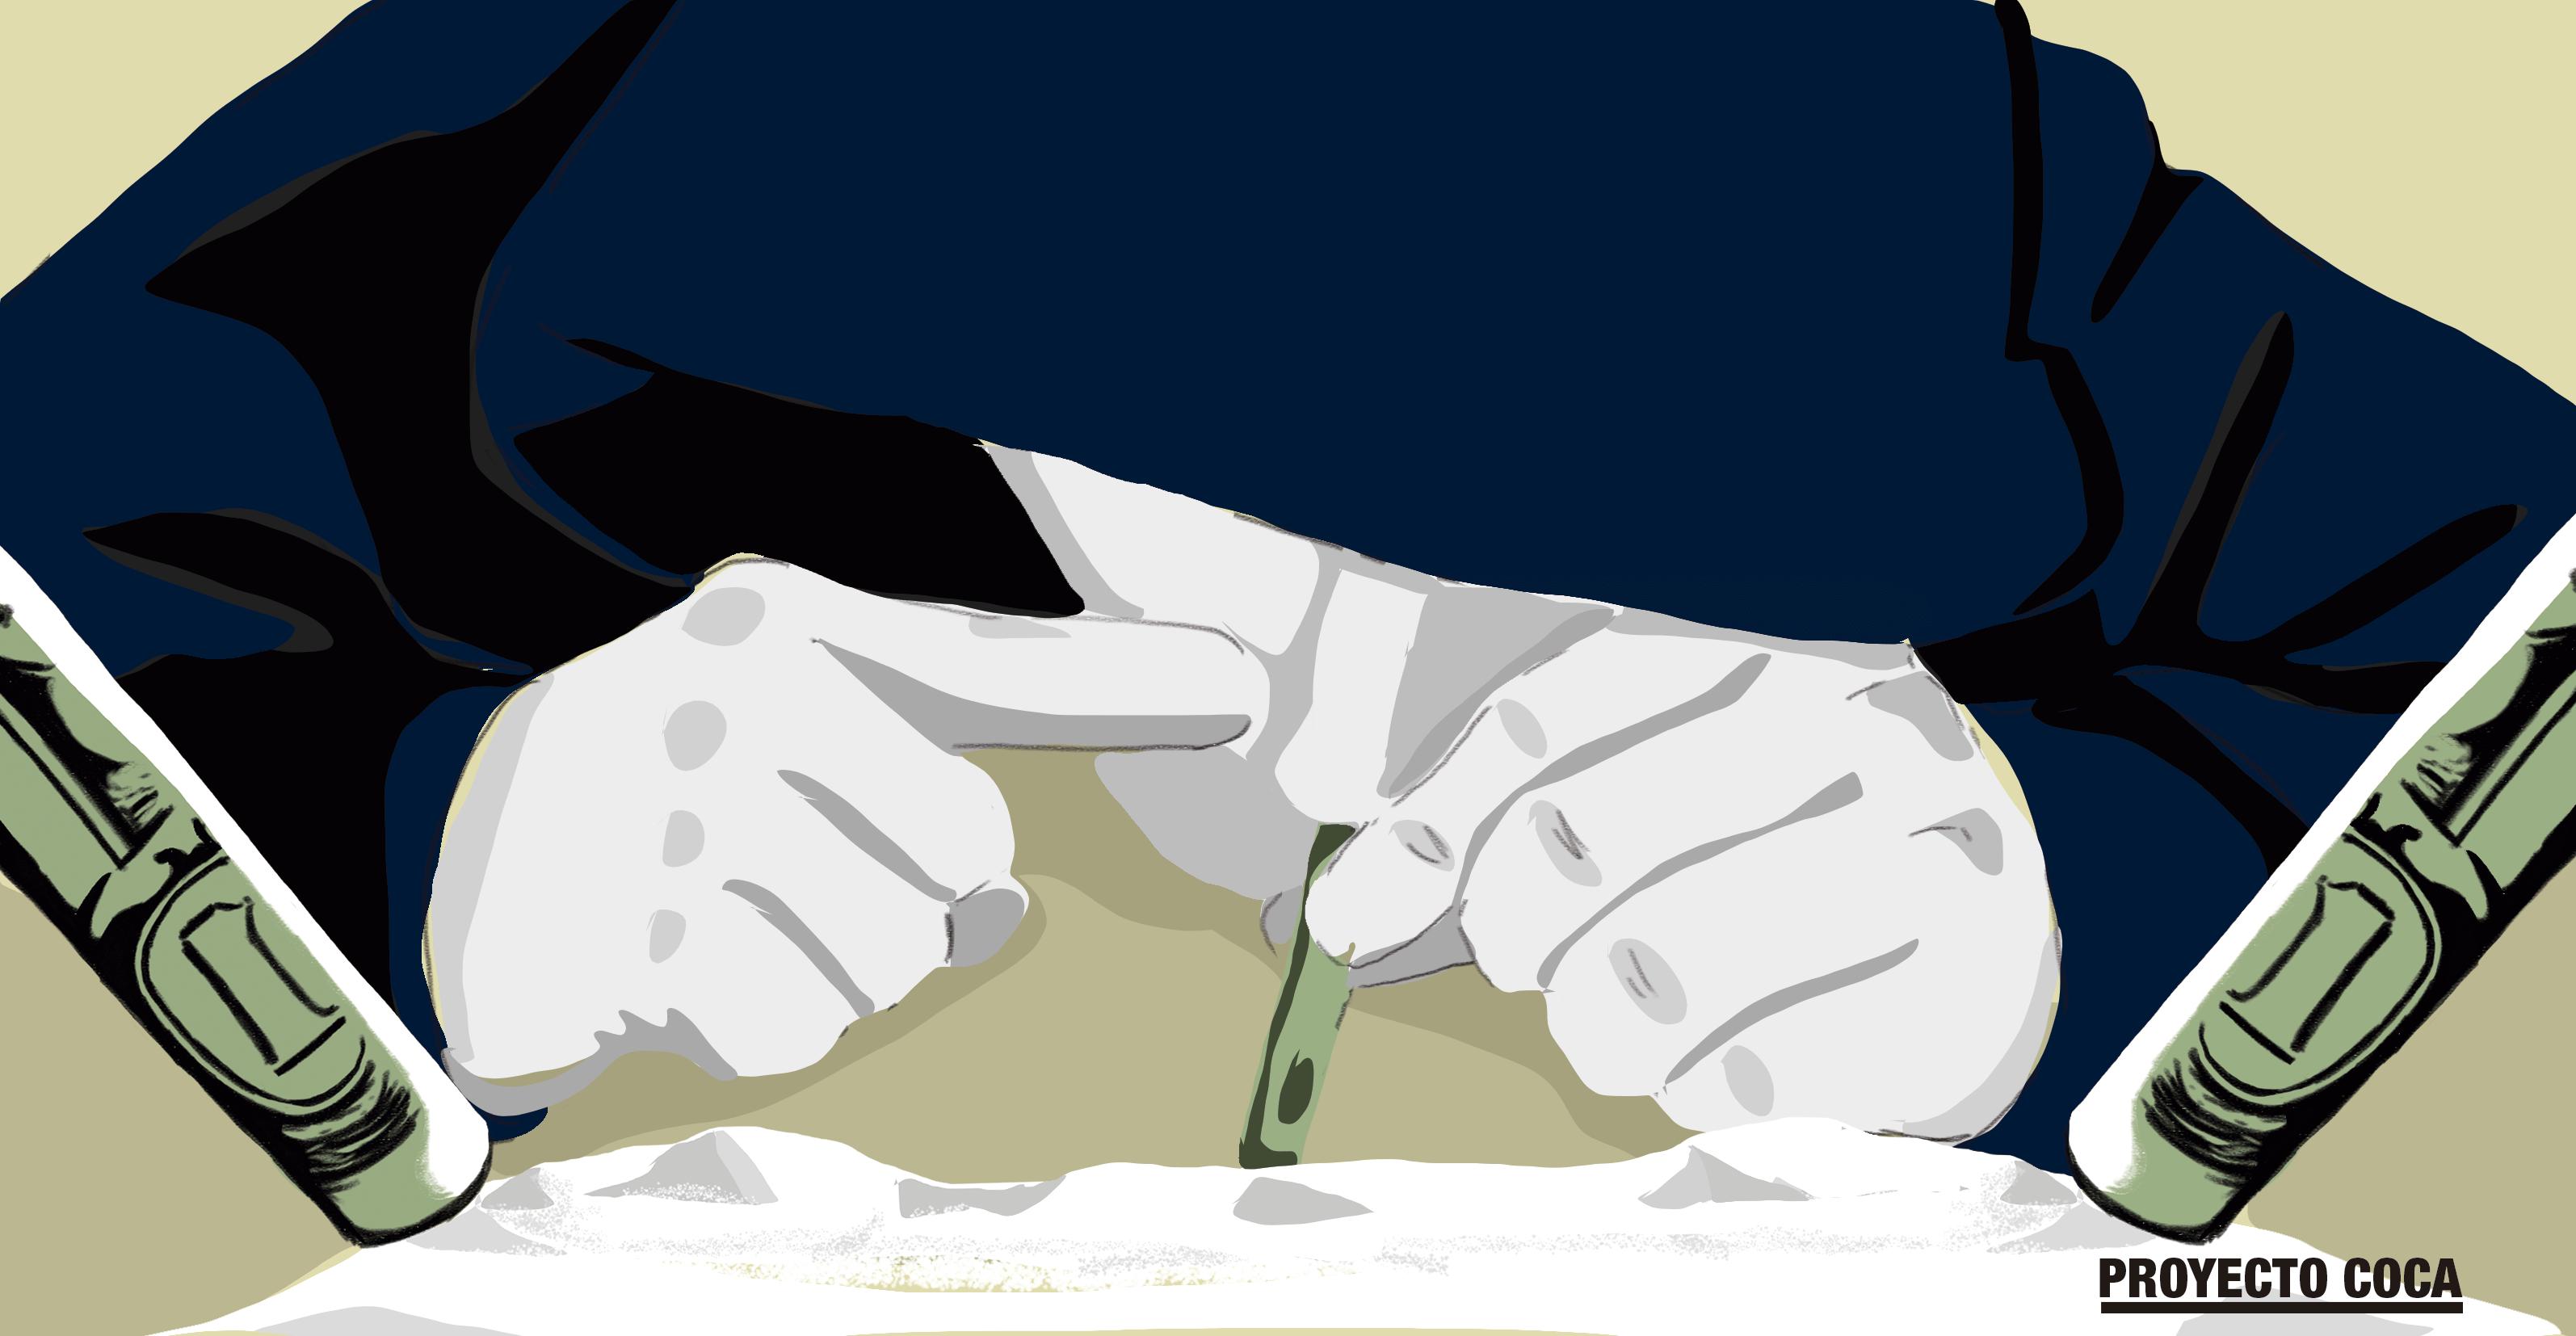 ¿De verdad tenemos la culpa de que los gringos metan más cocaína?